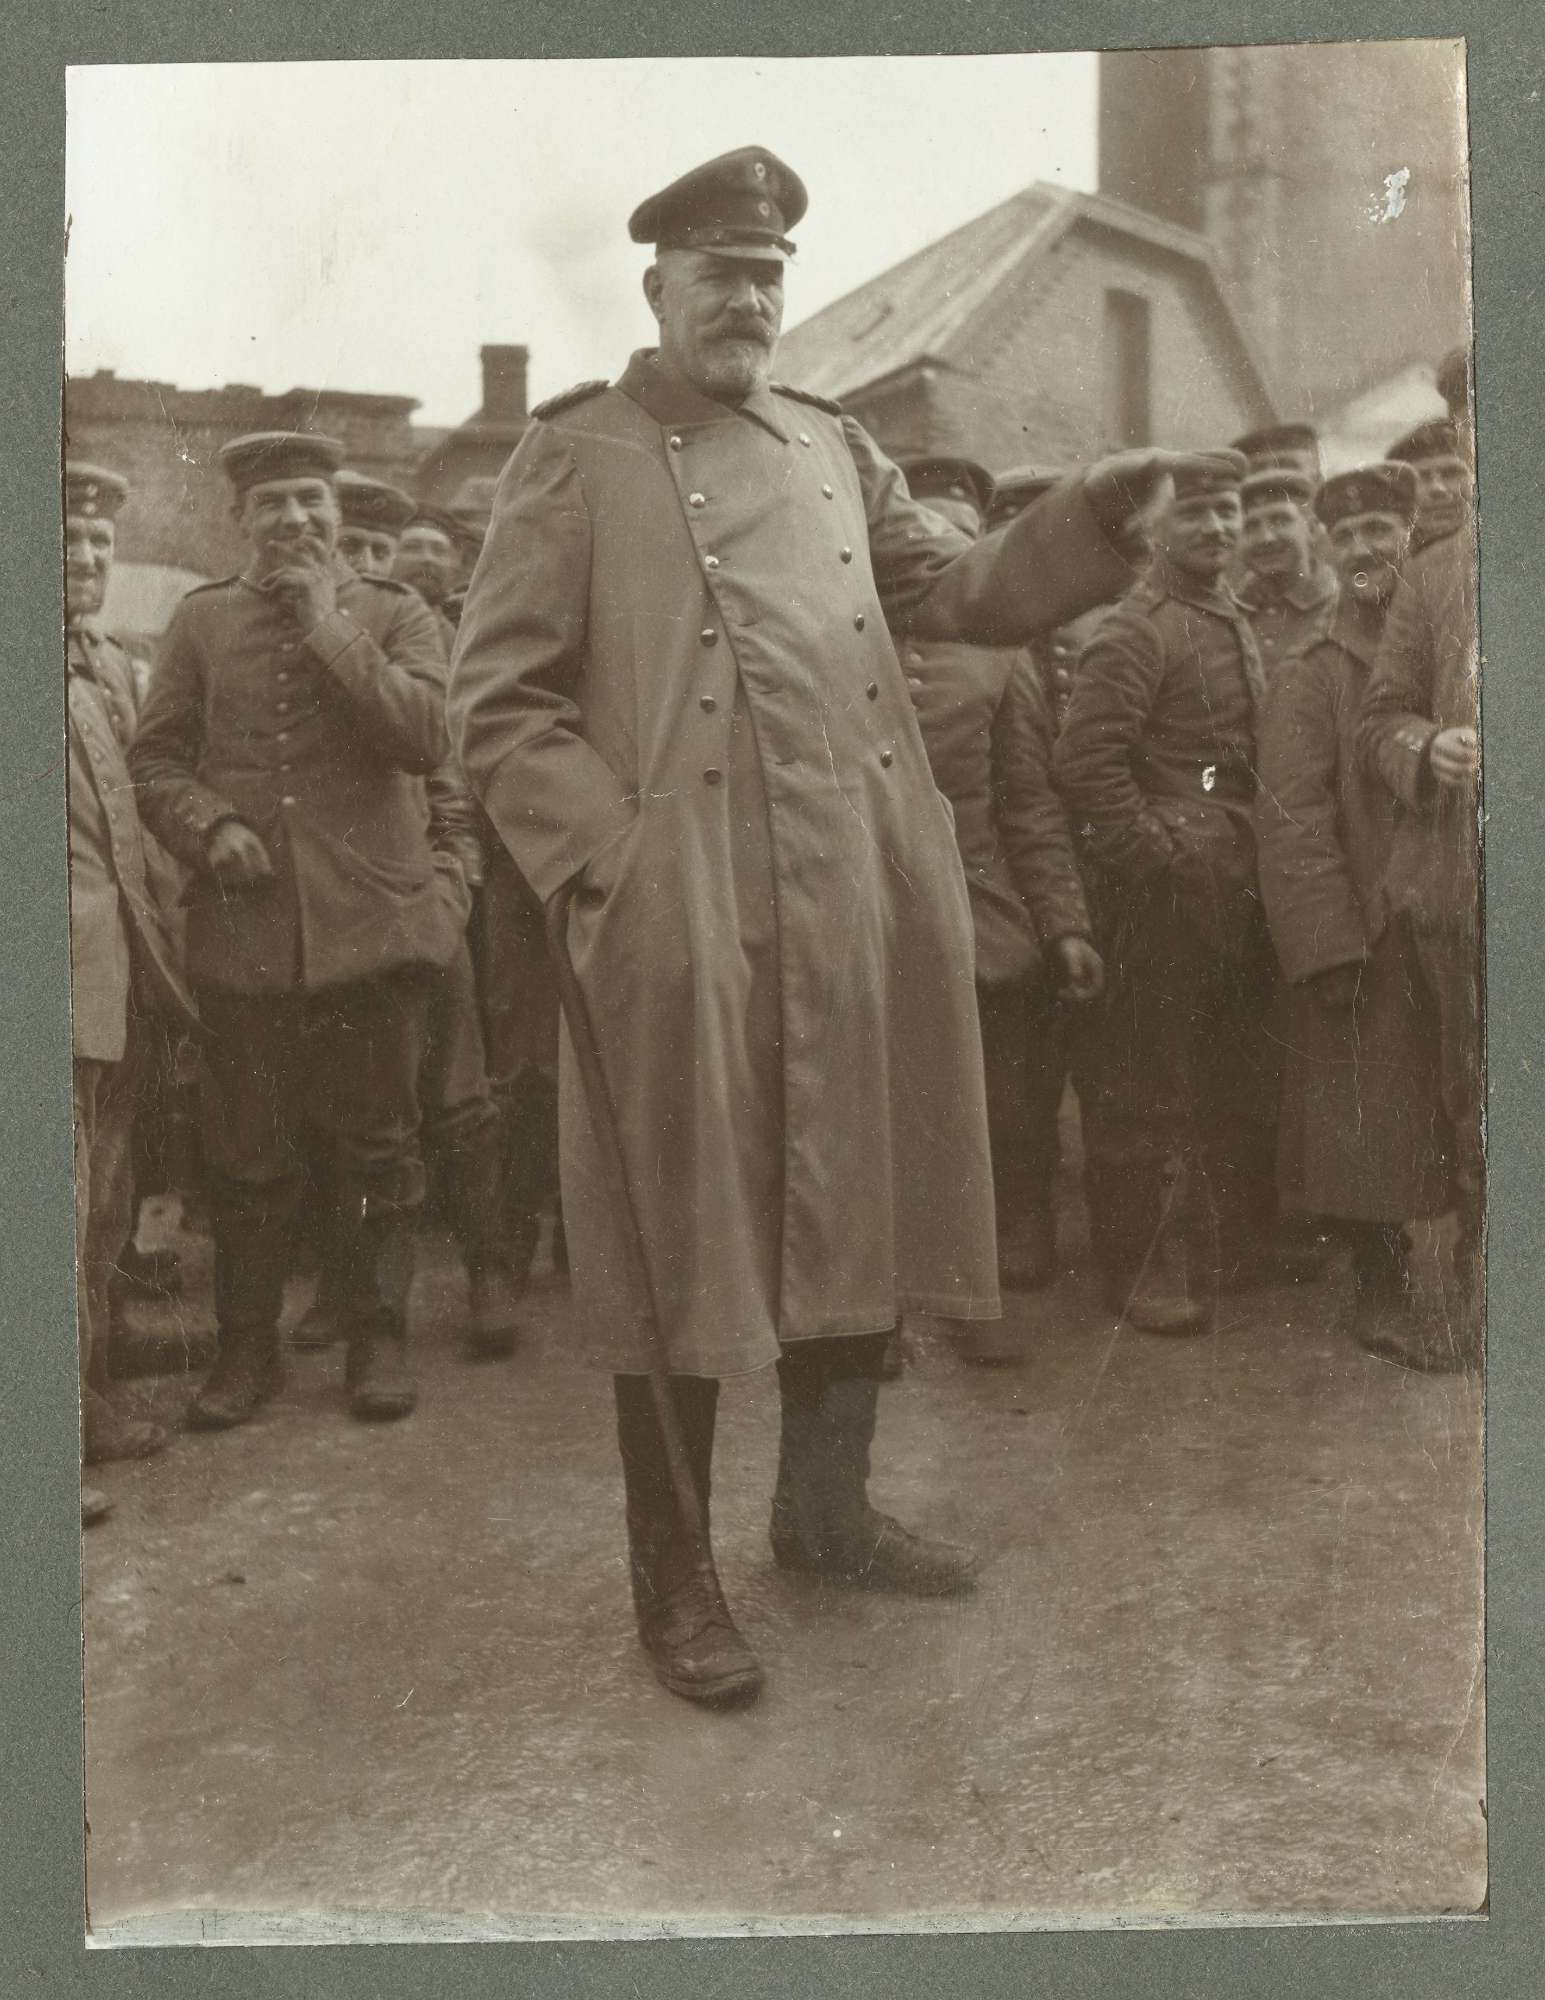 Wundt, von, Bild 1